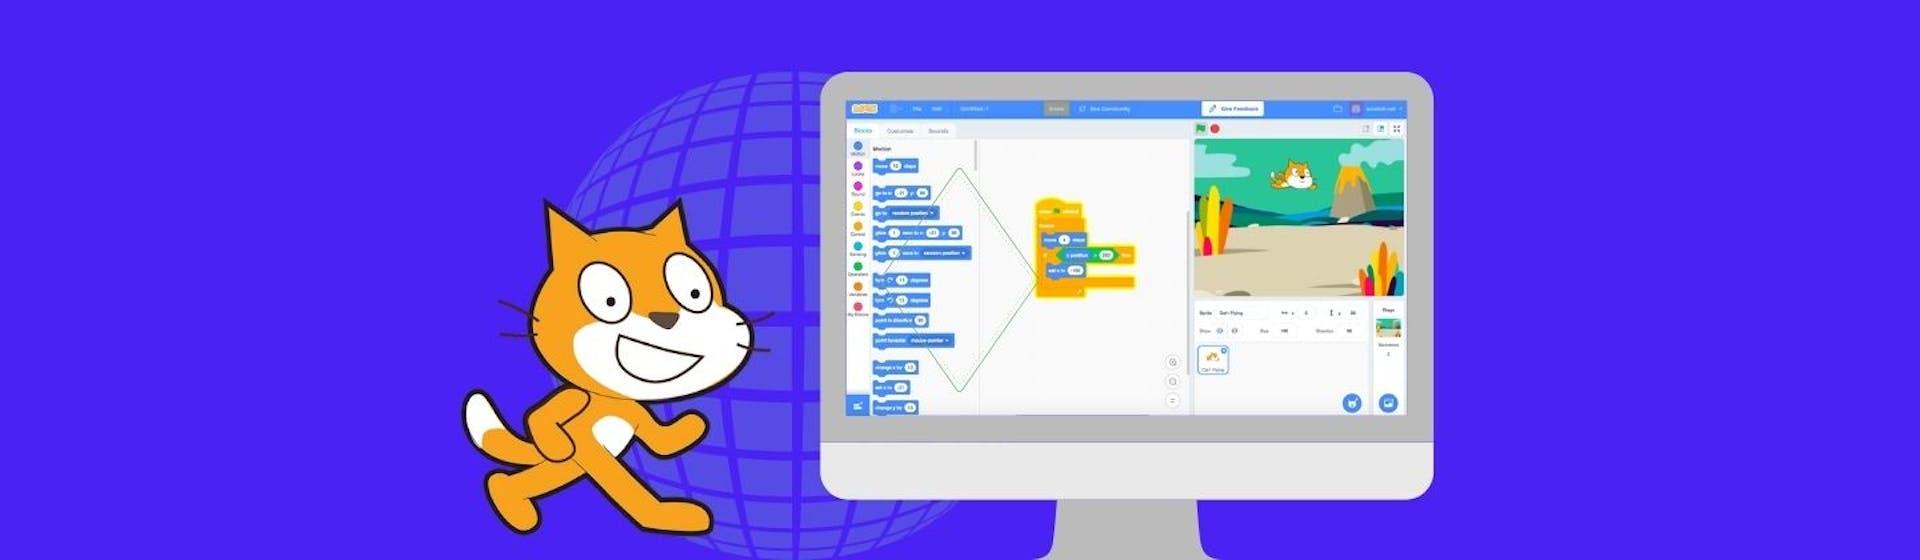 ¿Qué es Scratch? ¡Aprender a programar nunca fue tan fácil y divertido!